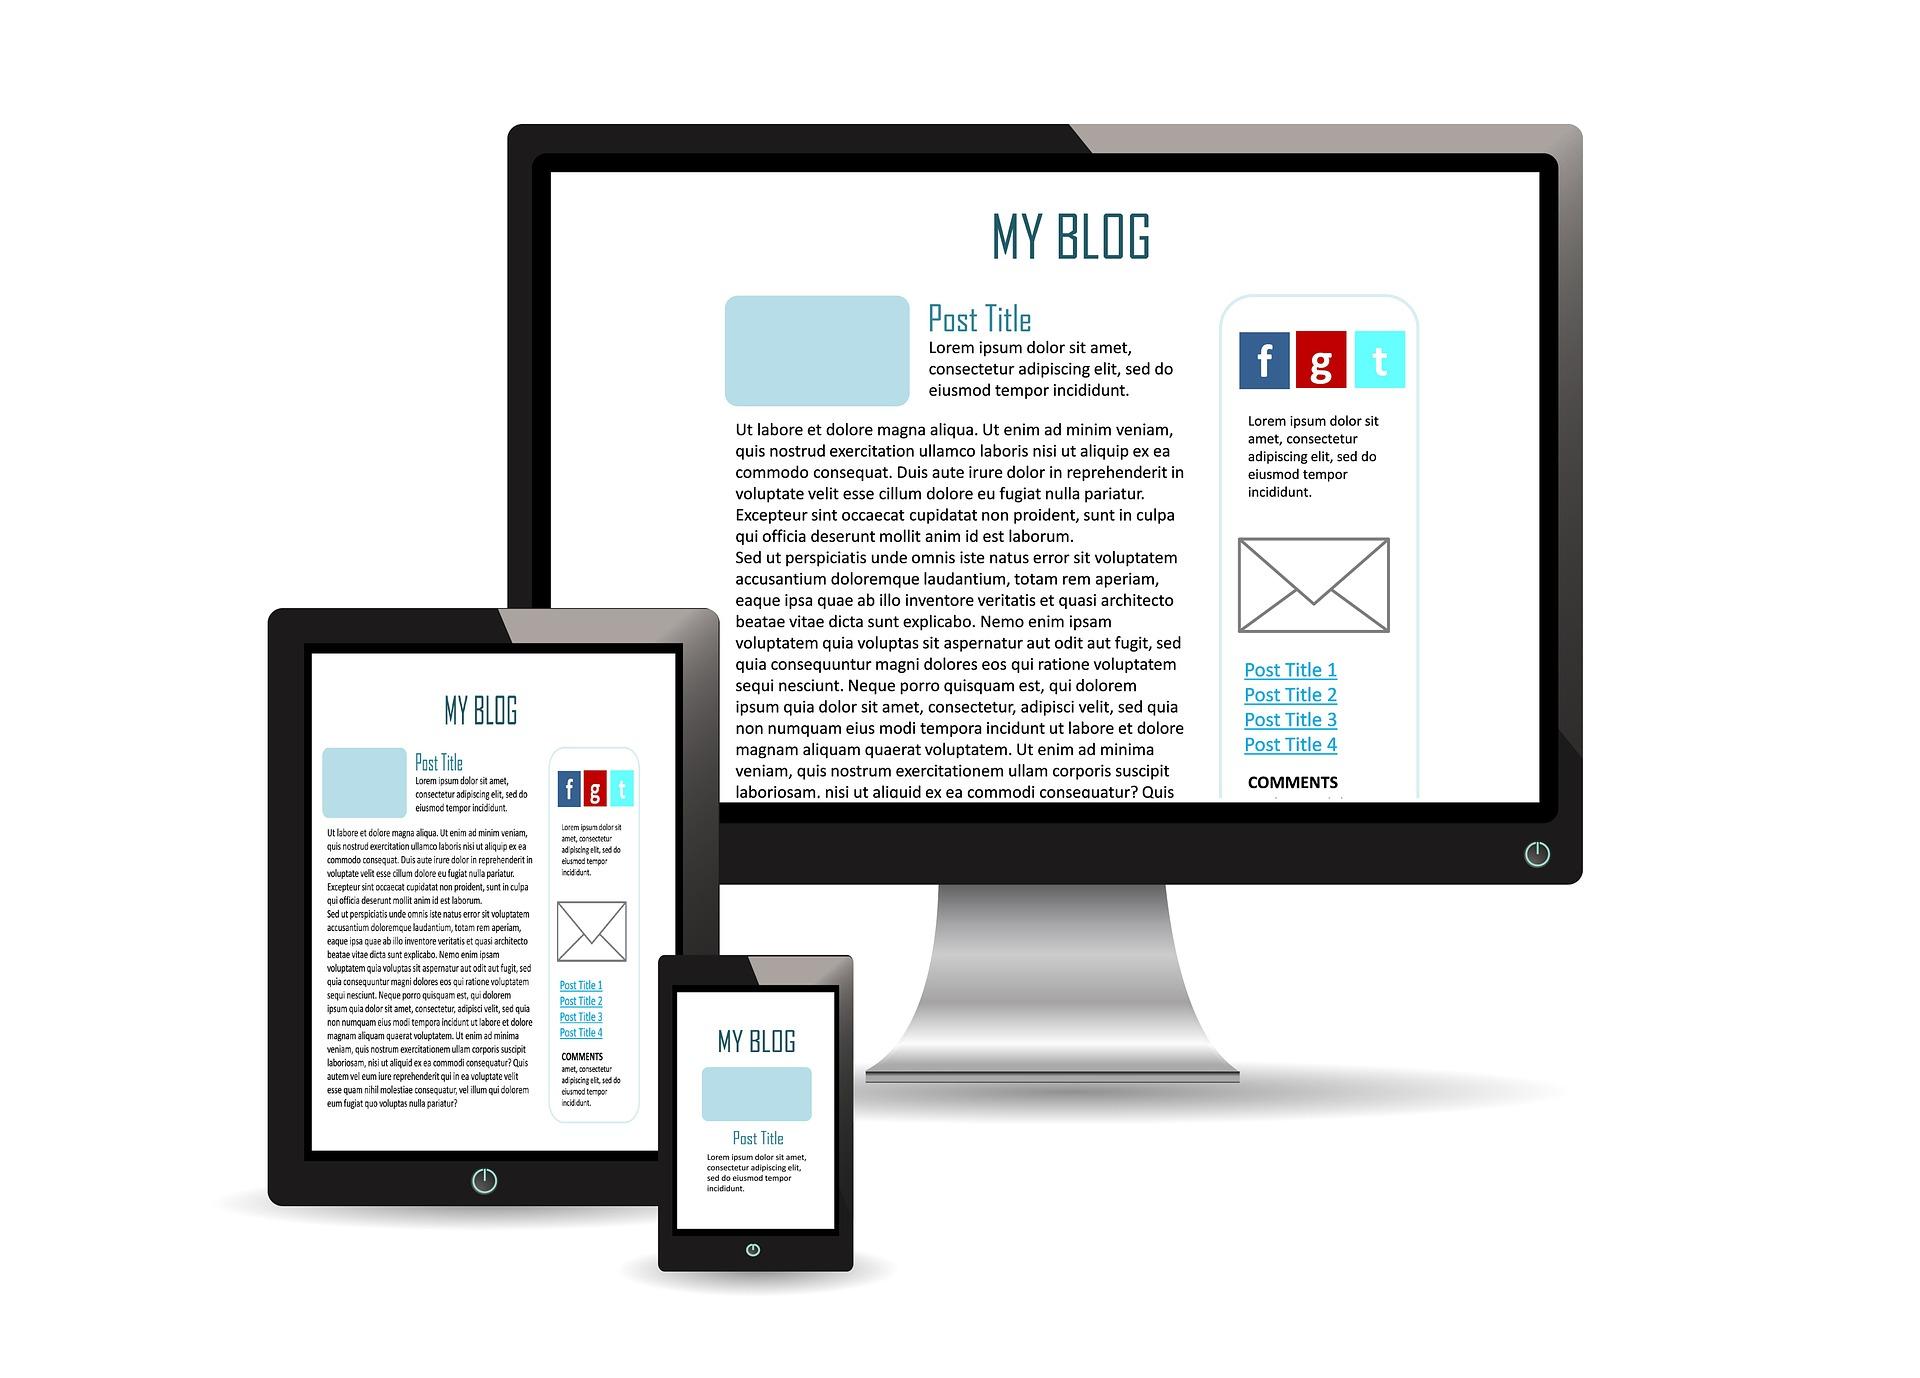 Créer_un_blog_sur_votre_entreprise